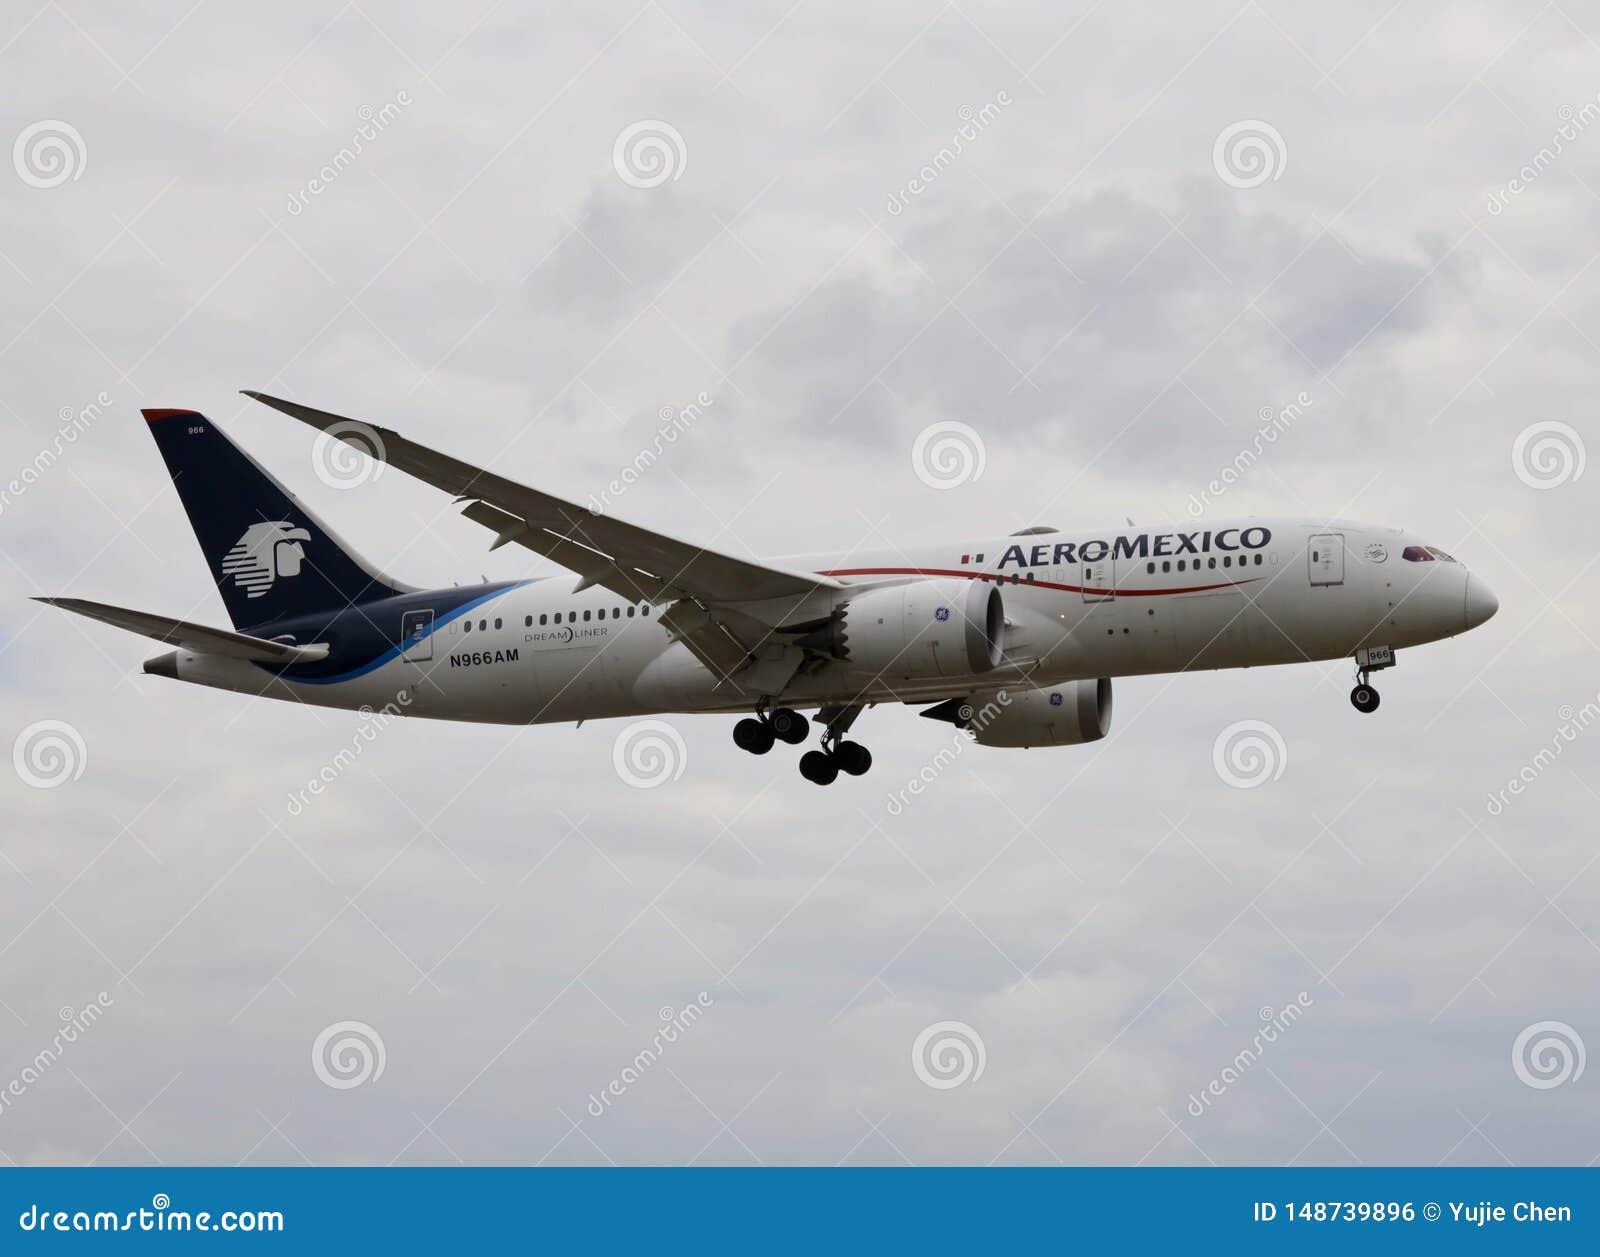 墨西哥国际航空飞机,波音787 dreamliner